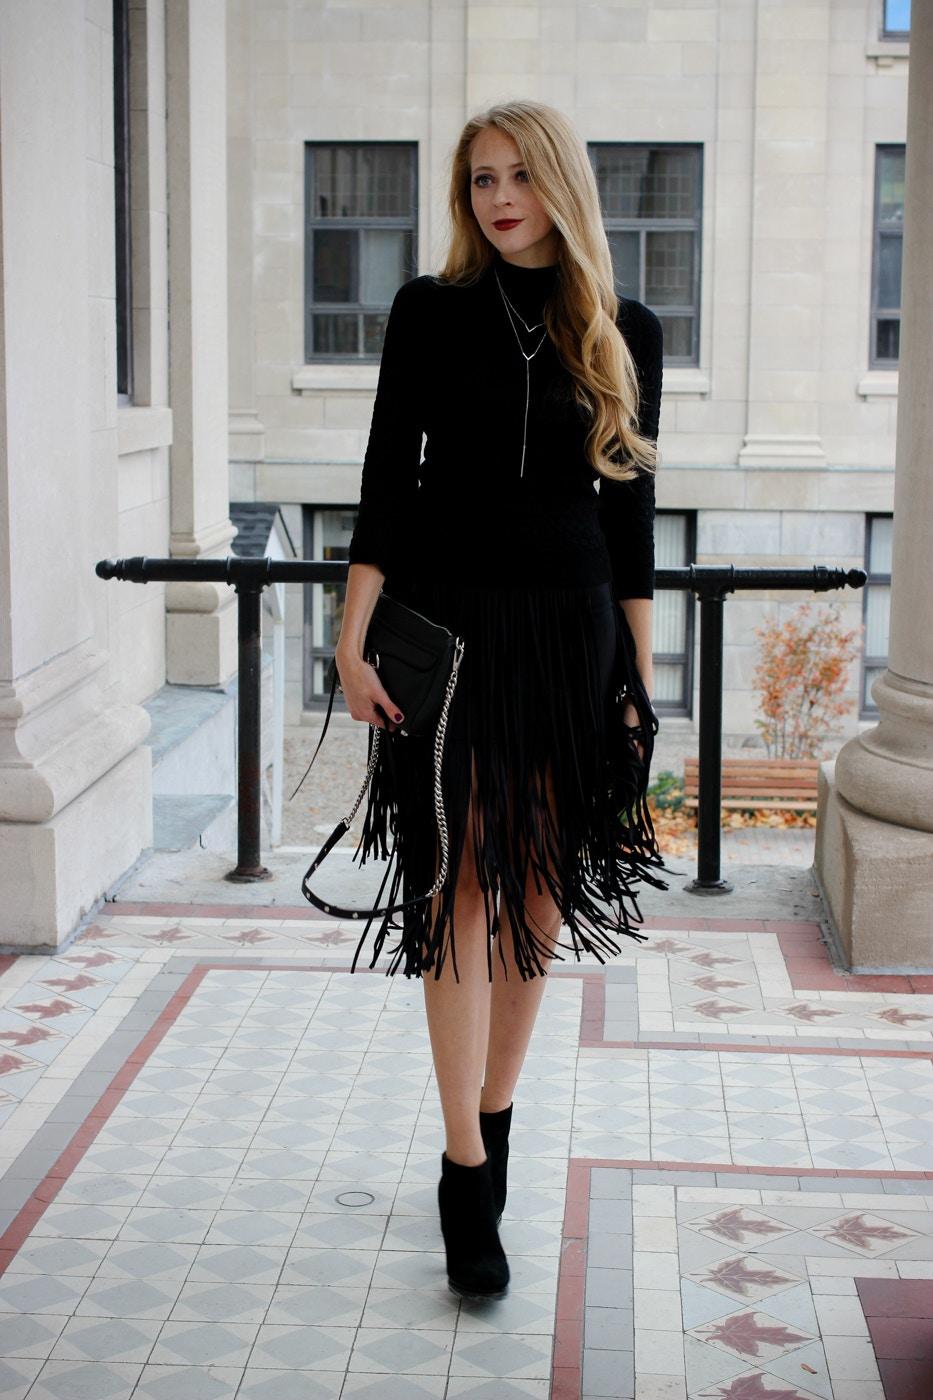 zara fringe skirt (7 of 10)